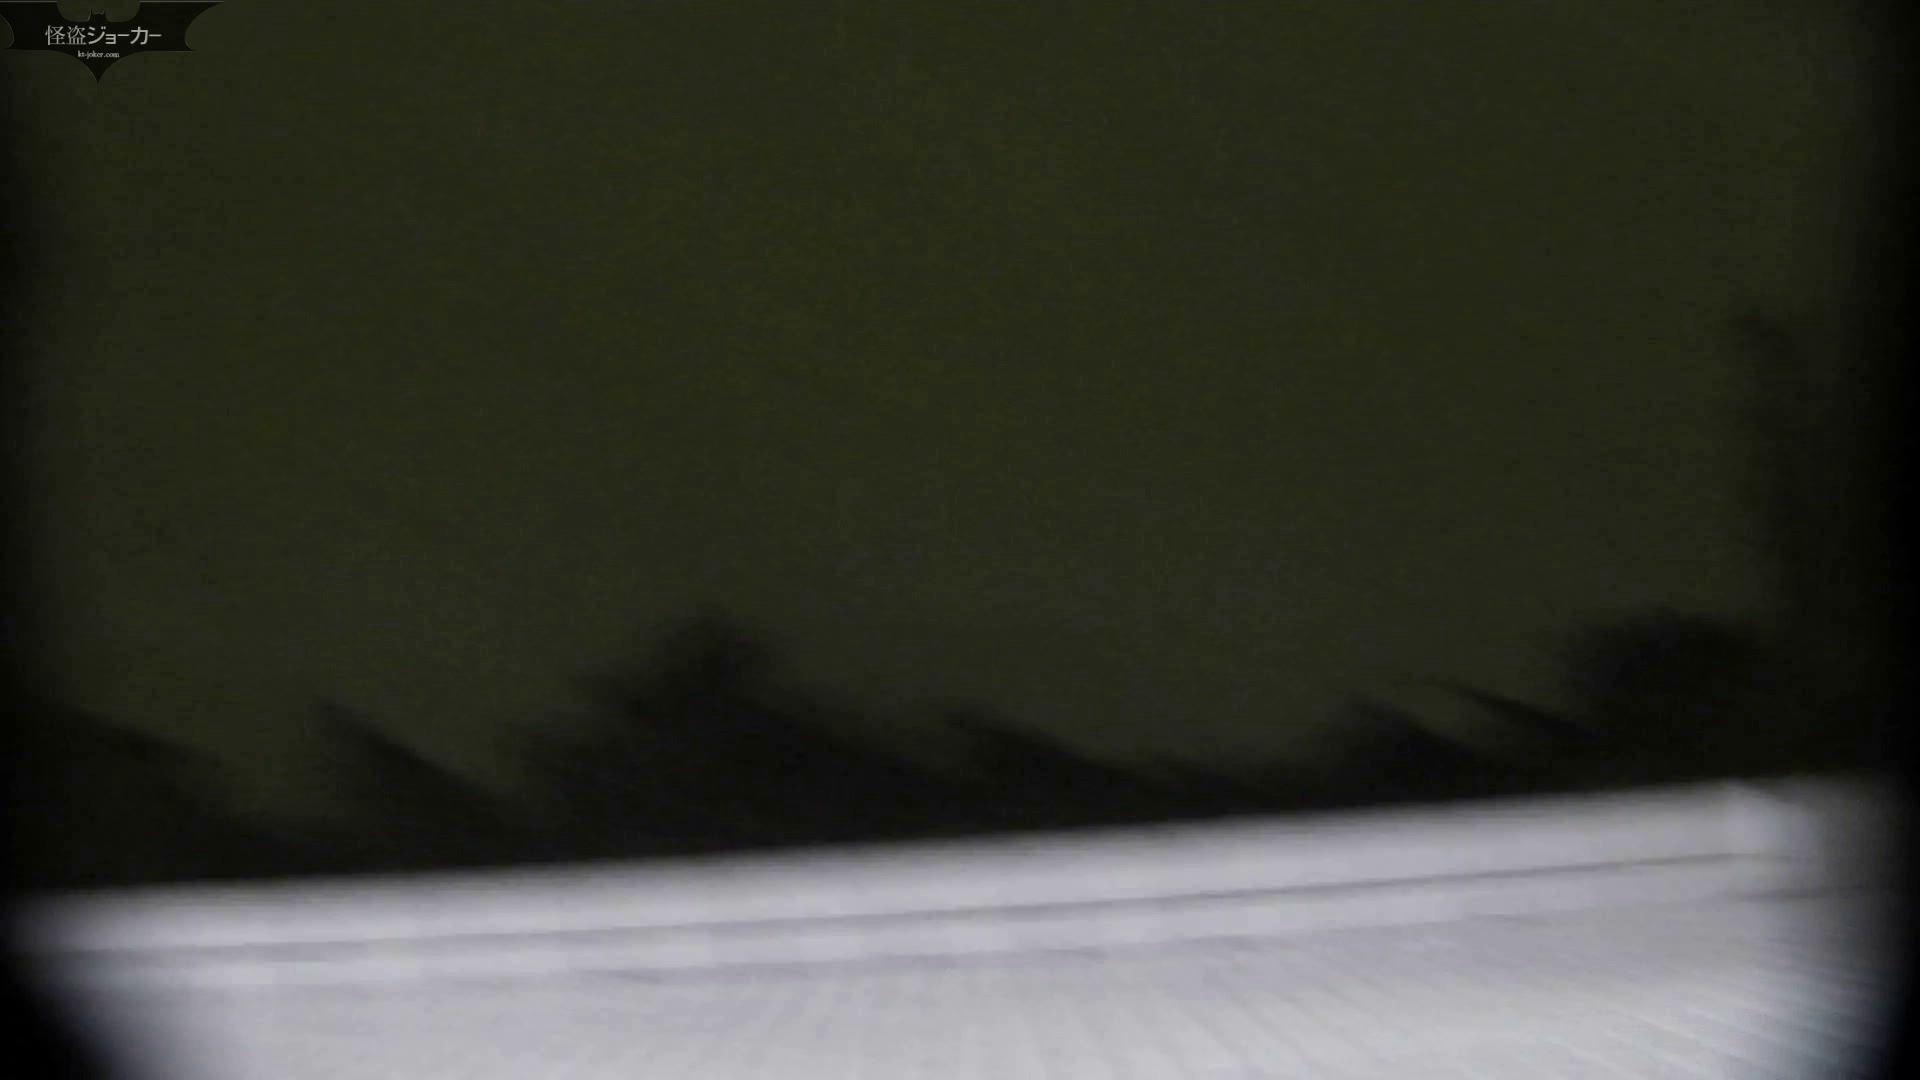 【美しき個室な世界】洗面所特攻隊 vol.051 洗面所着替え   OL  61連発 42